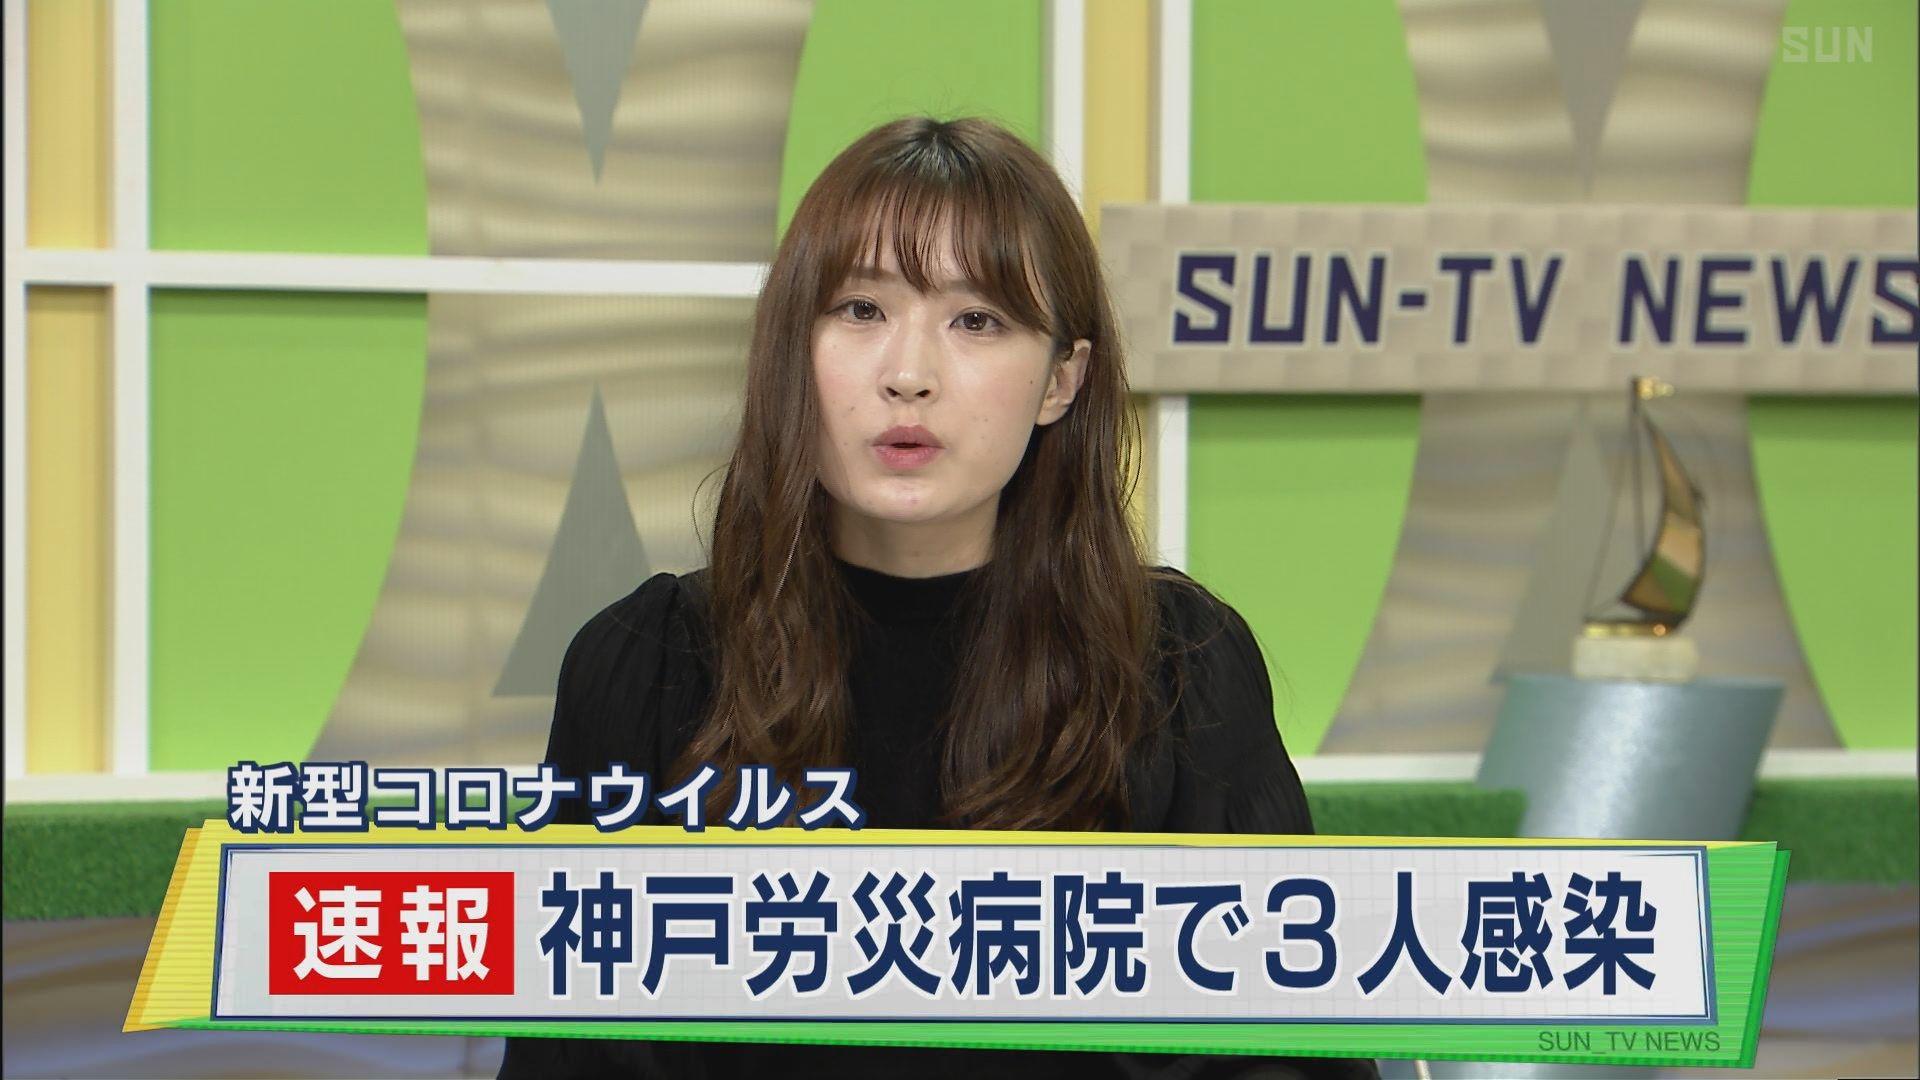 病院 神戸 労災